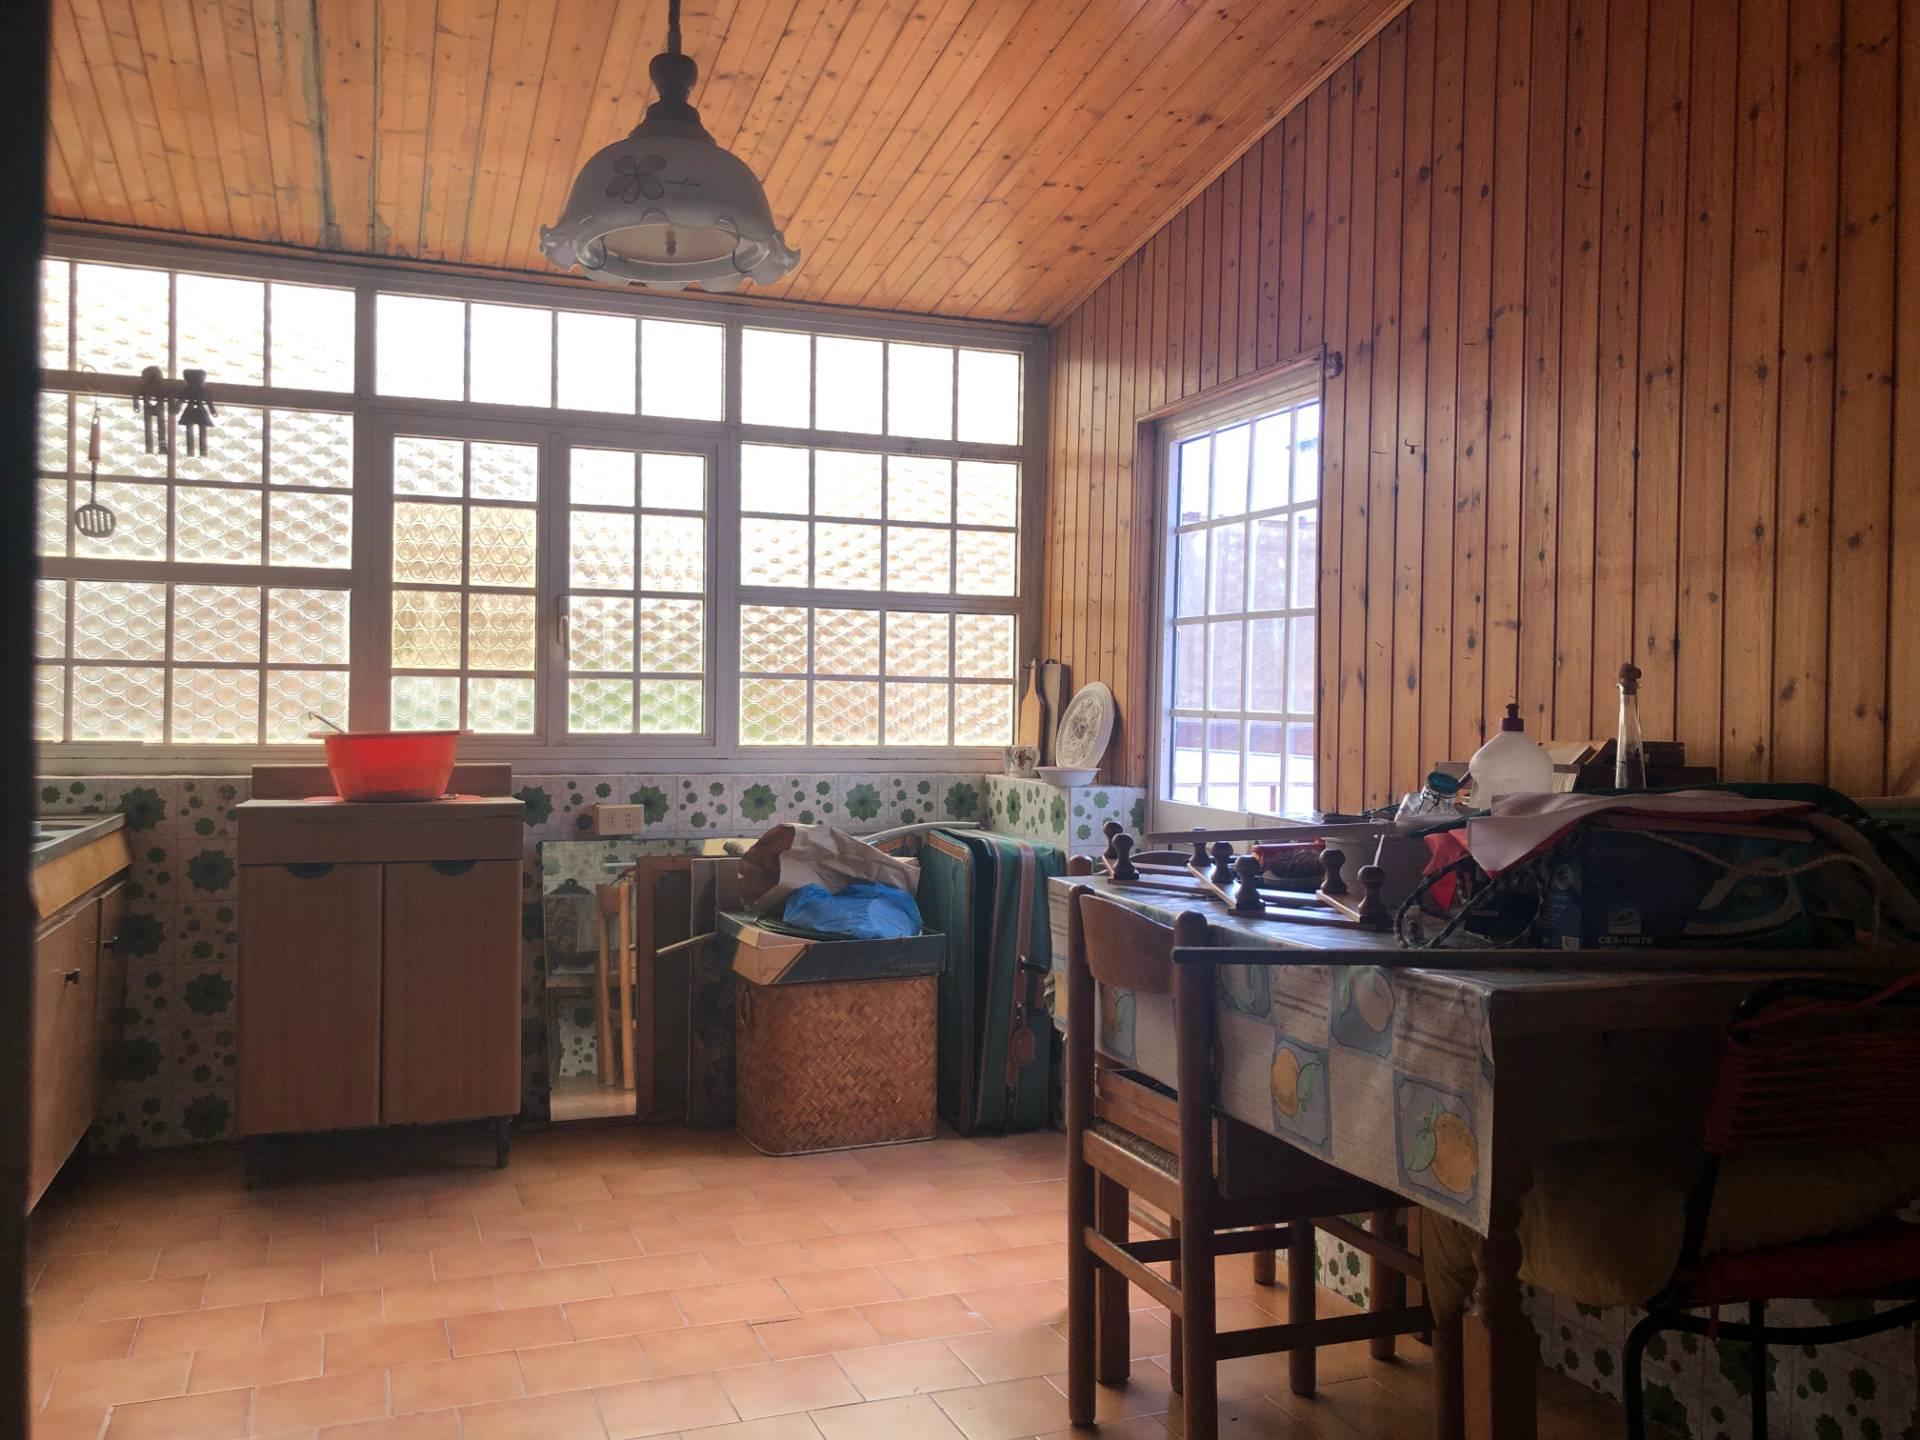 Casa singola in vendita - Darsena, Viareggio